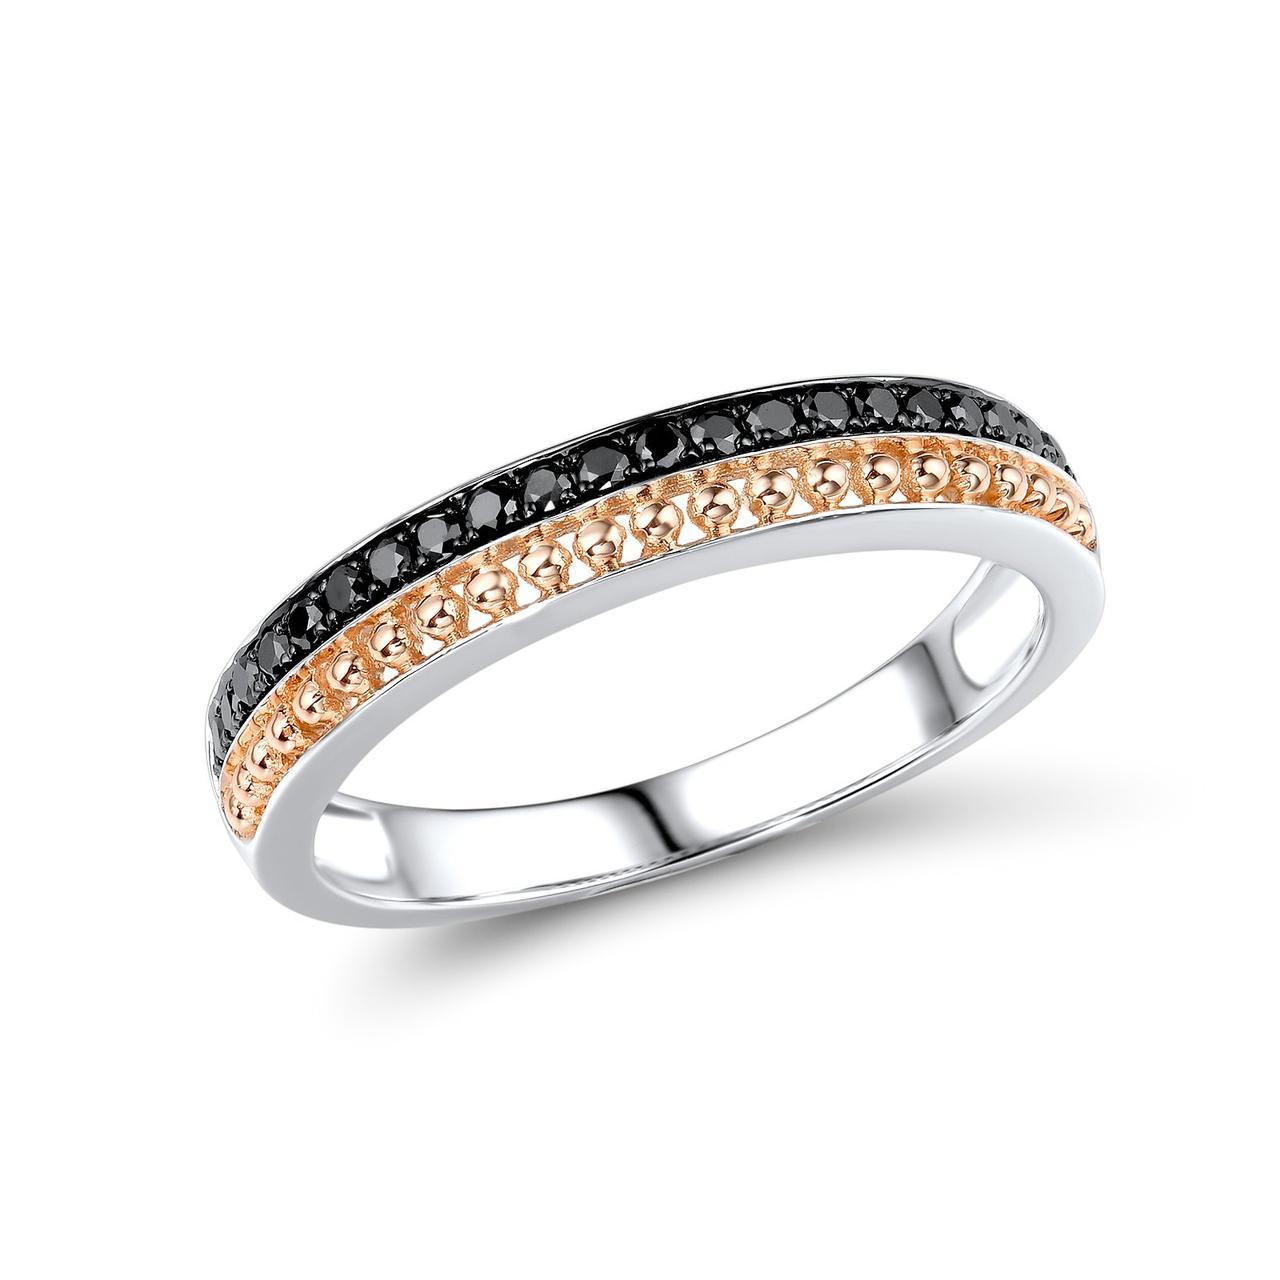 Золотое кольцо с бриллиантами, размер 17 (1718845)